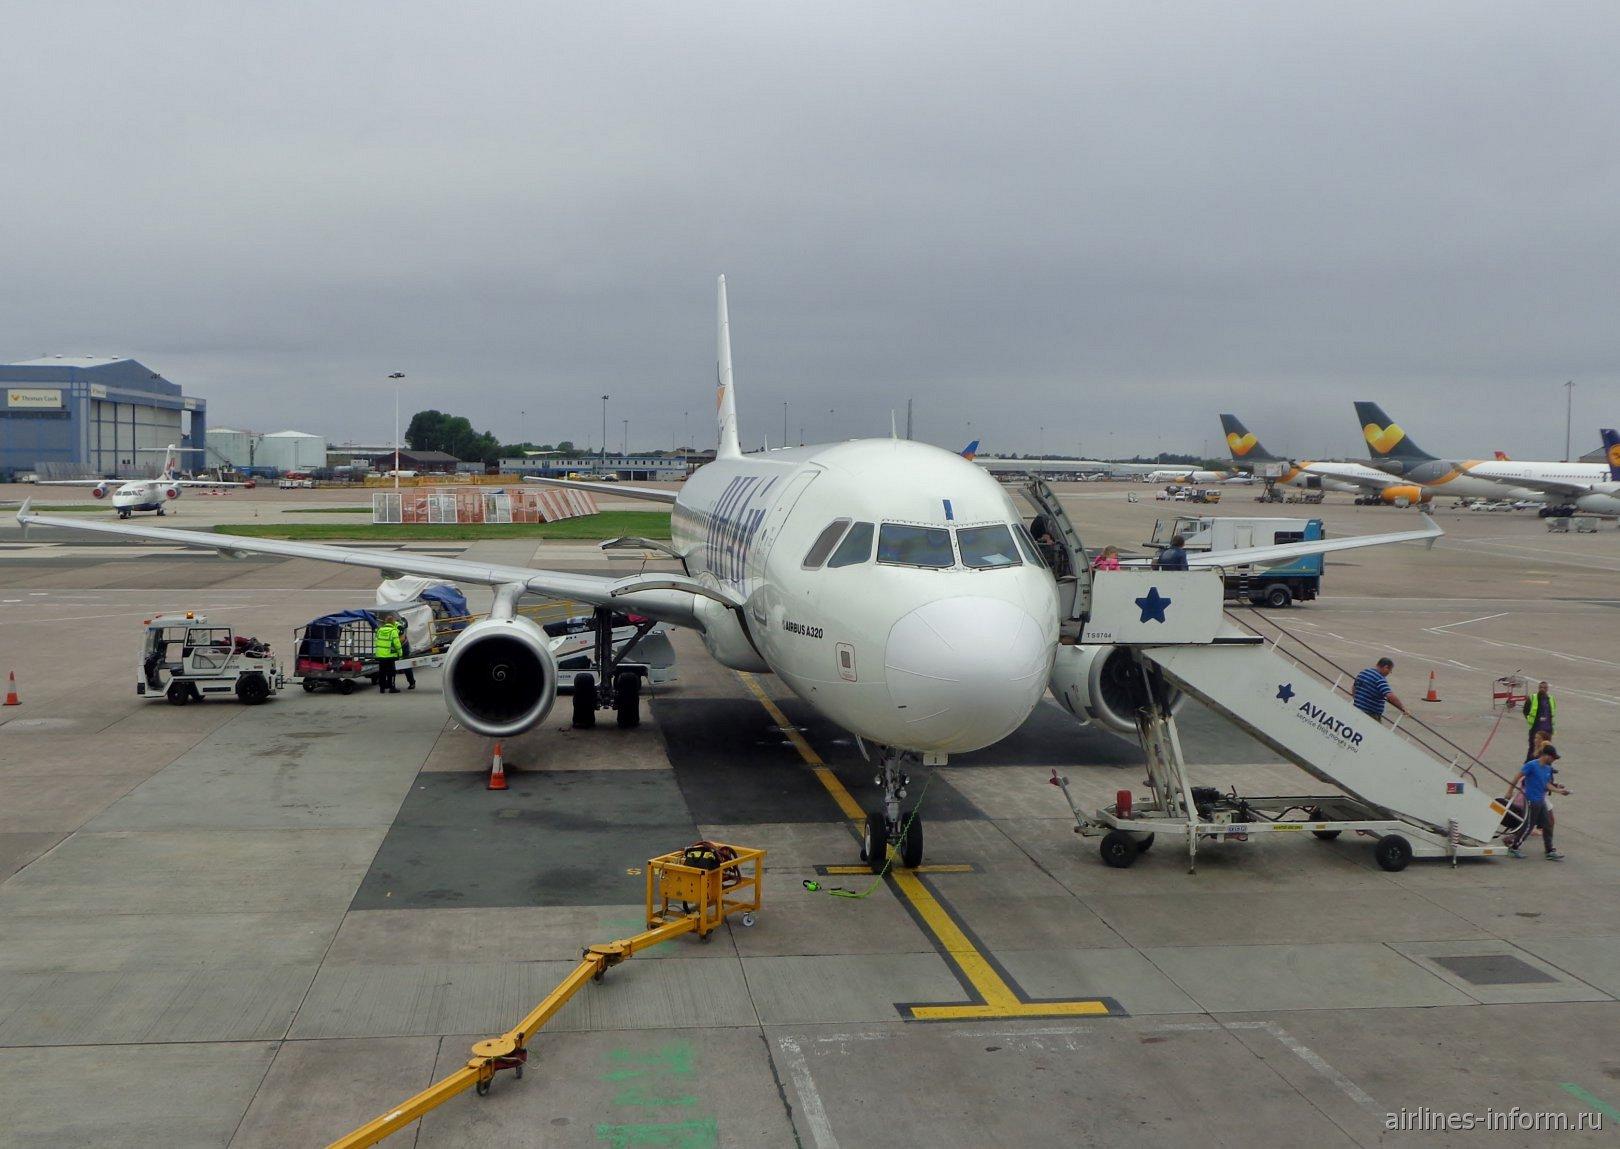 Самолет Airbus A320 авиакомпании BH Air в аэропорту Манчестера